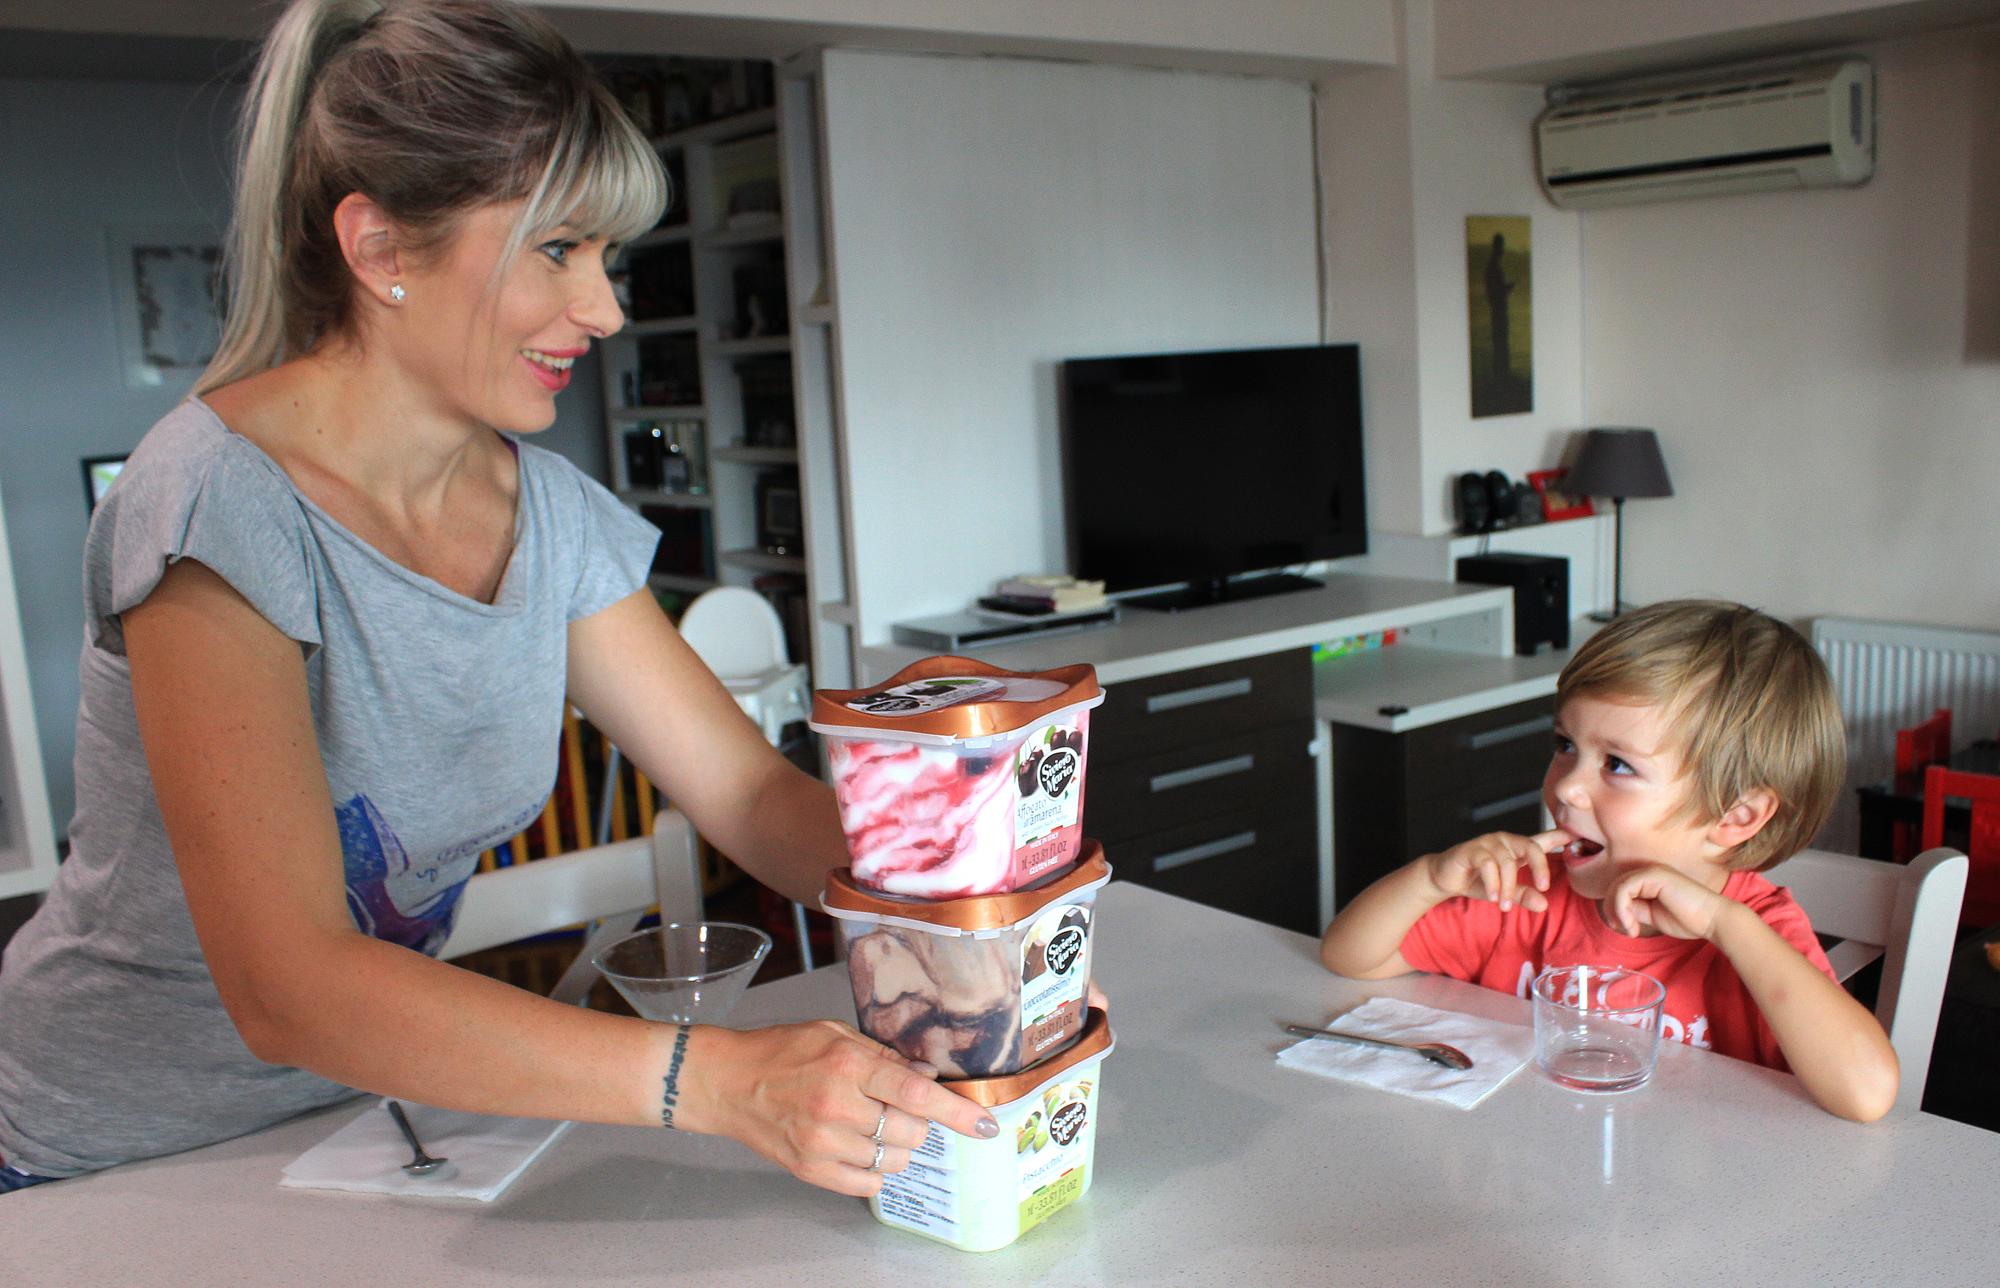 gelato siviero maria gustare familie